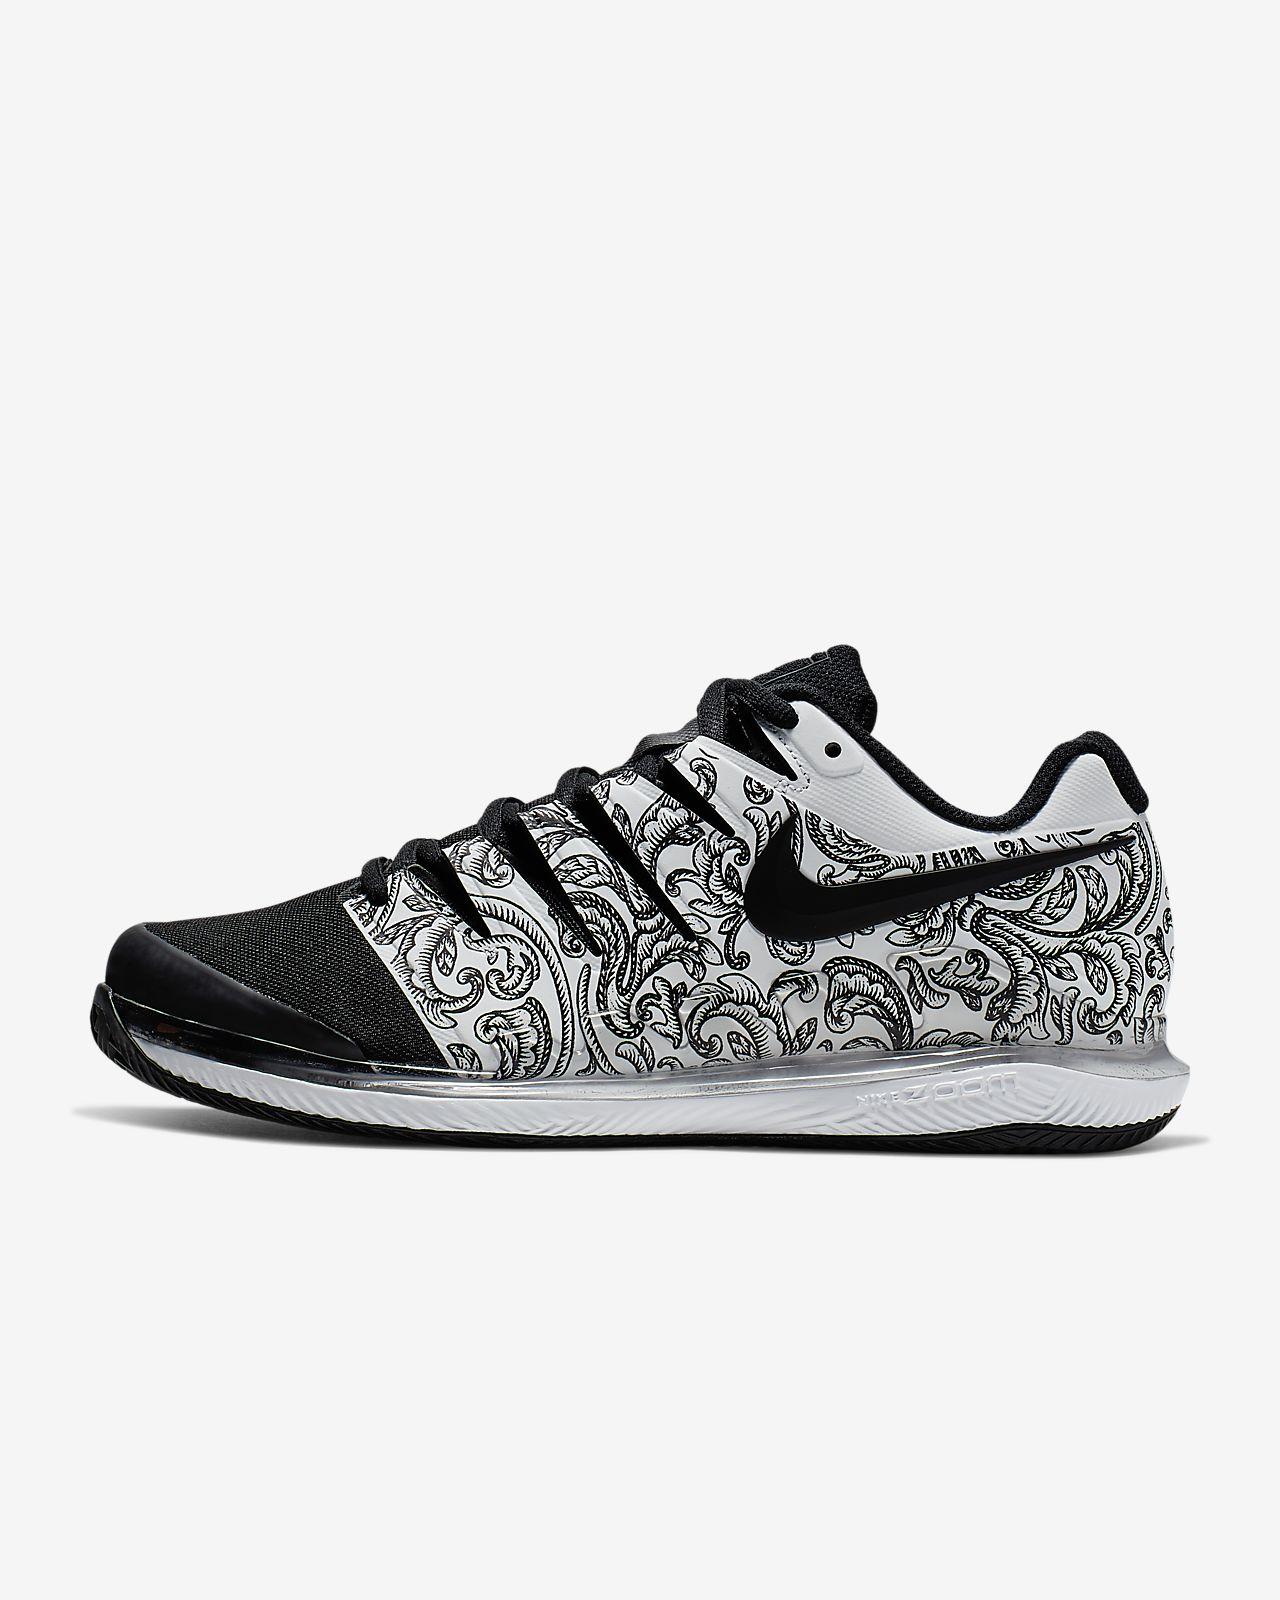 NikeCourt Air Zoom Vapor X Tennisschoen voor dames (gravel)